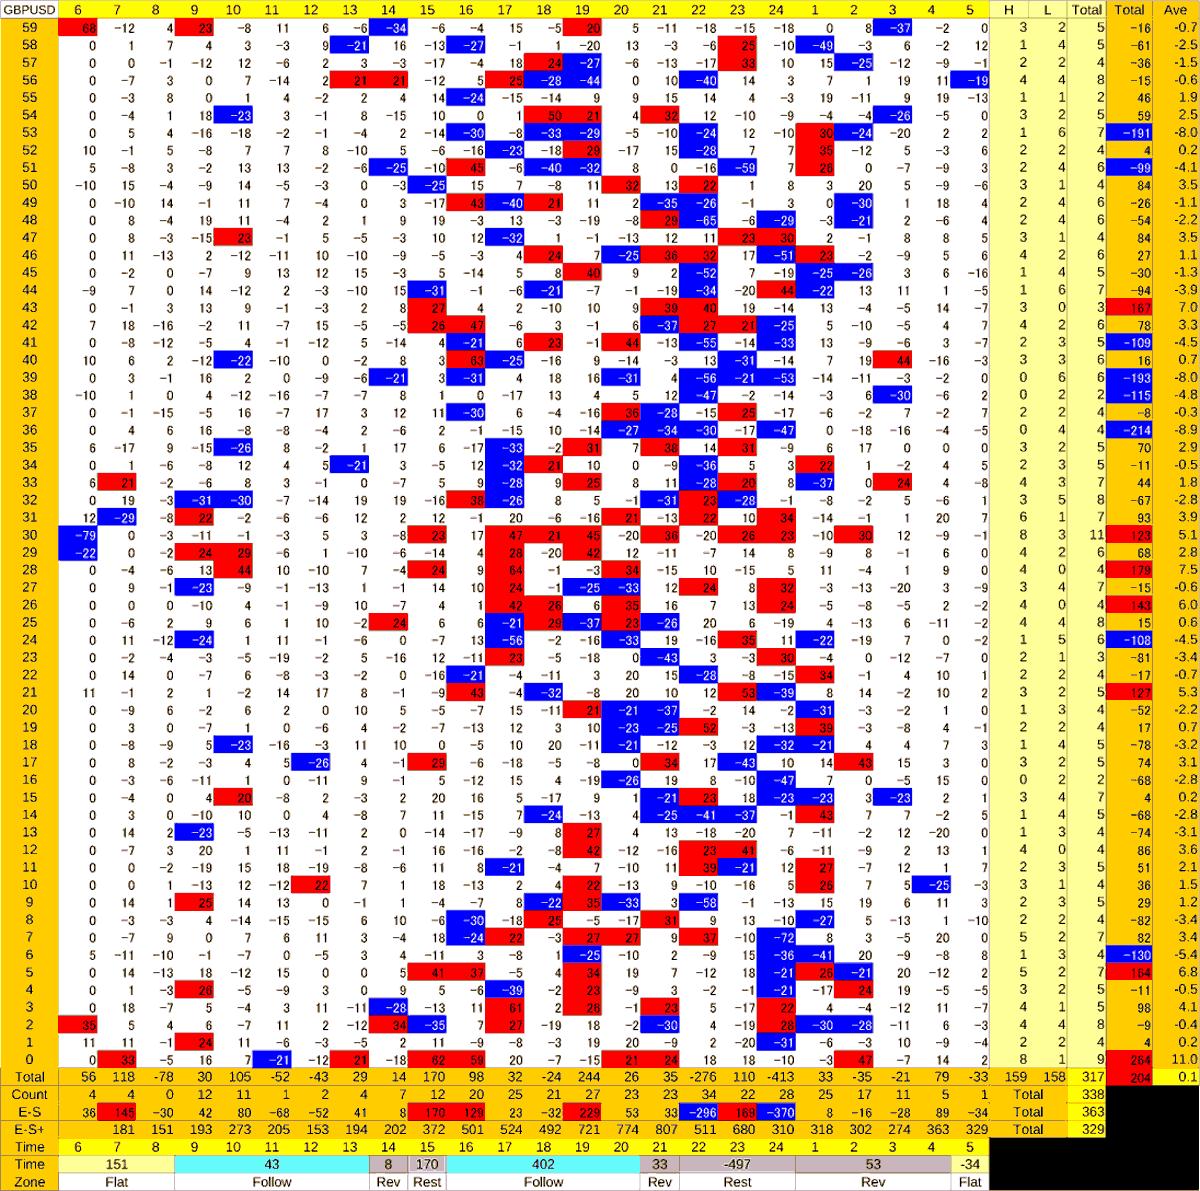 20200715_HS(2)GBPUSD